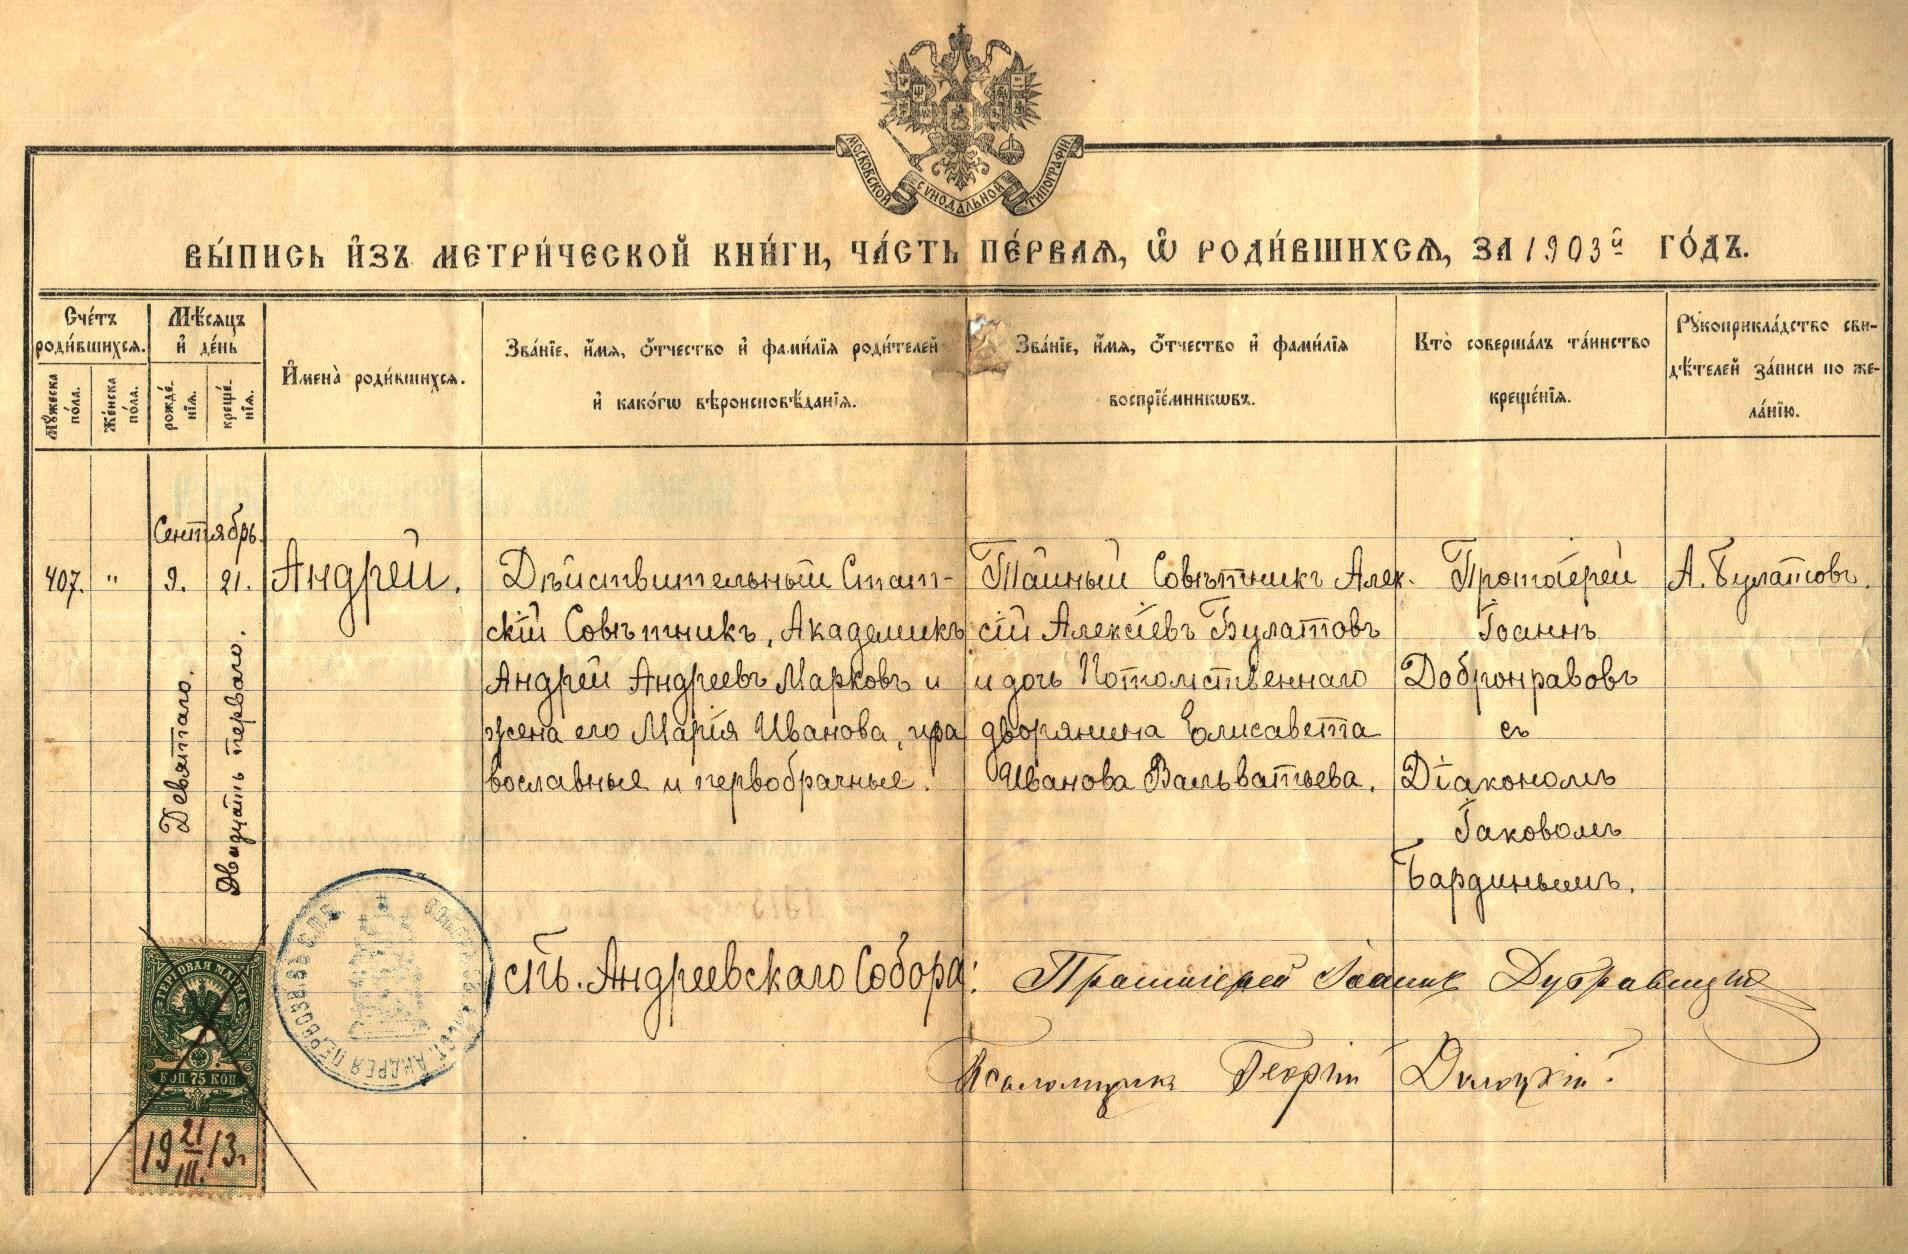 Как найти и доказать польские корни на карту поляка